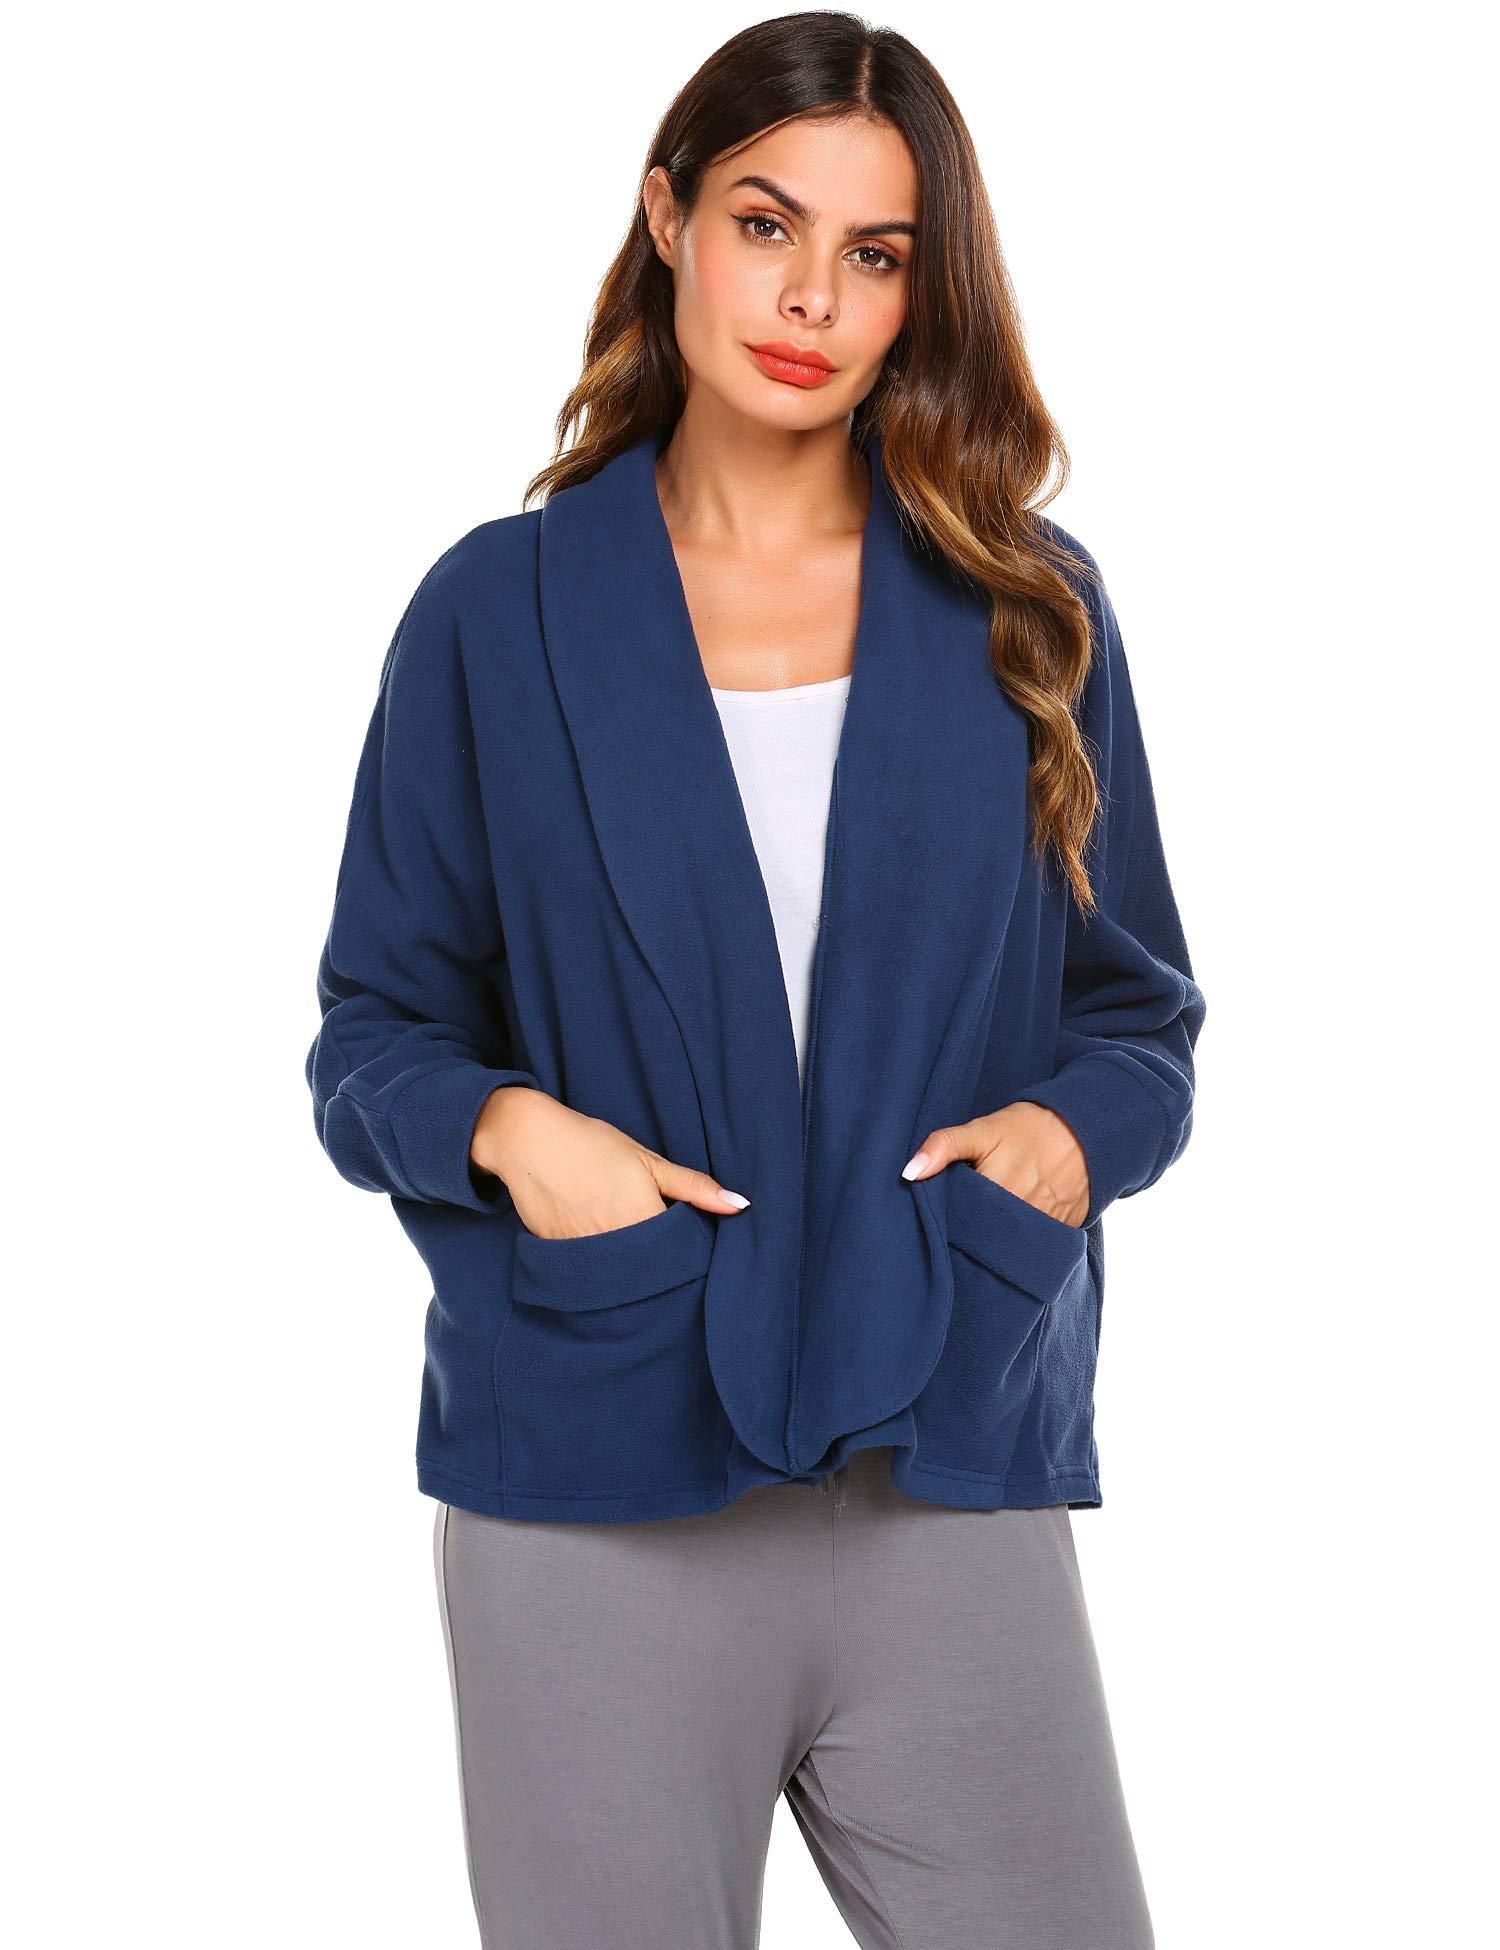 Ekouaer Bed Jacket for Women Warm Winter Coat Sweater Cape Peter Pan-Collar Robe Lounge Nightgown Sleepwear Housecoat